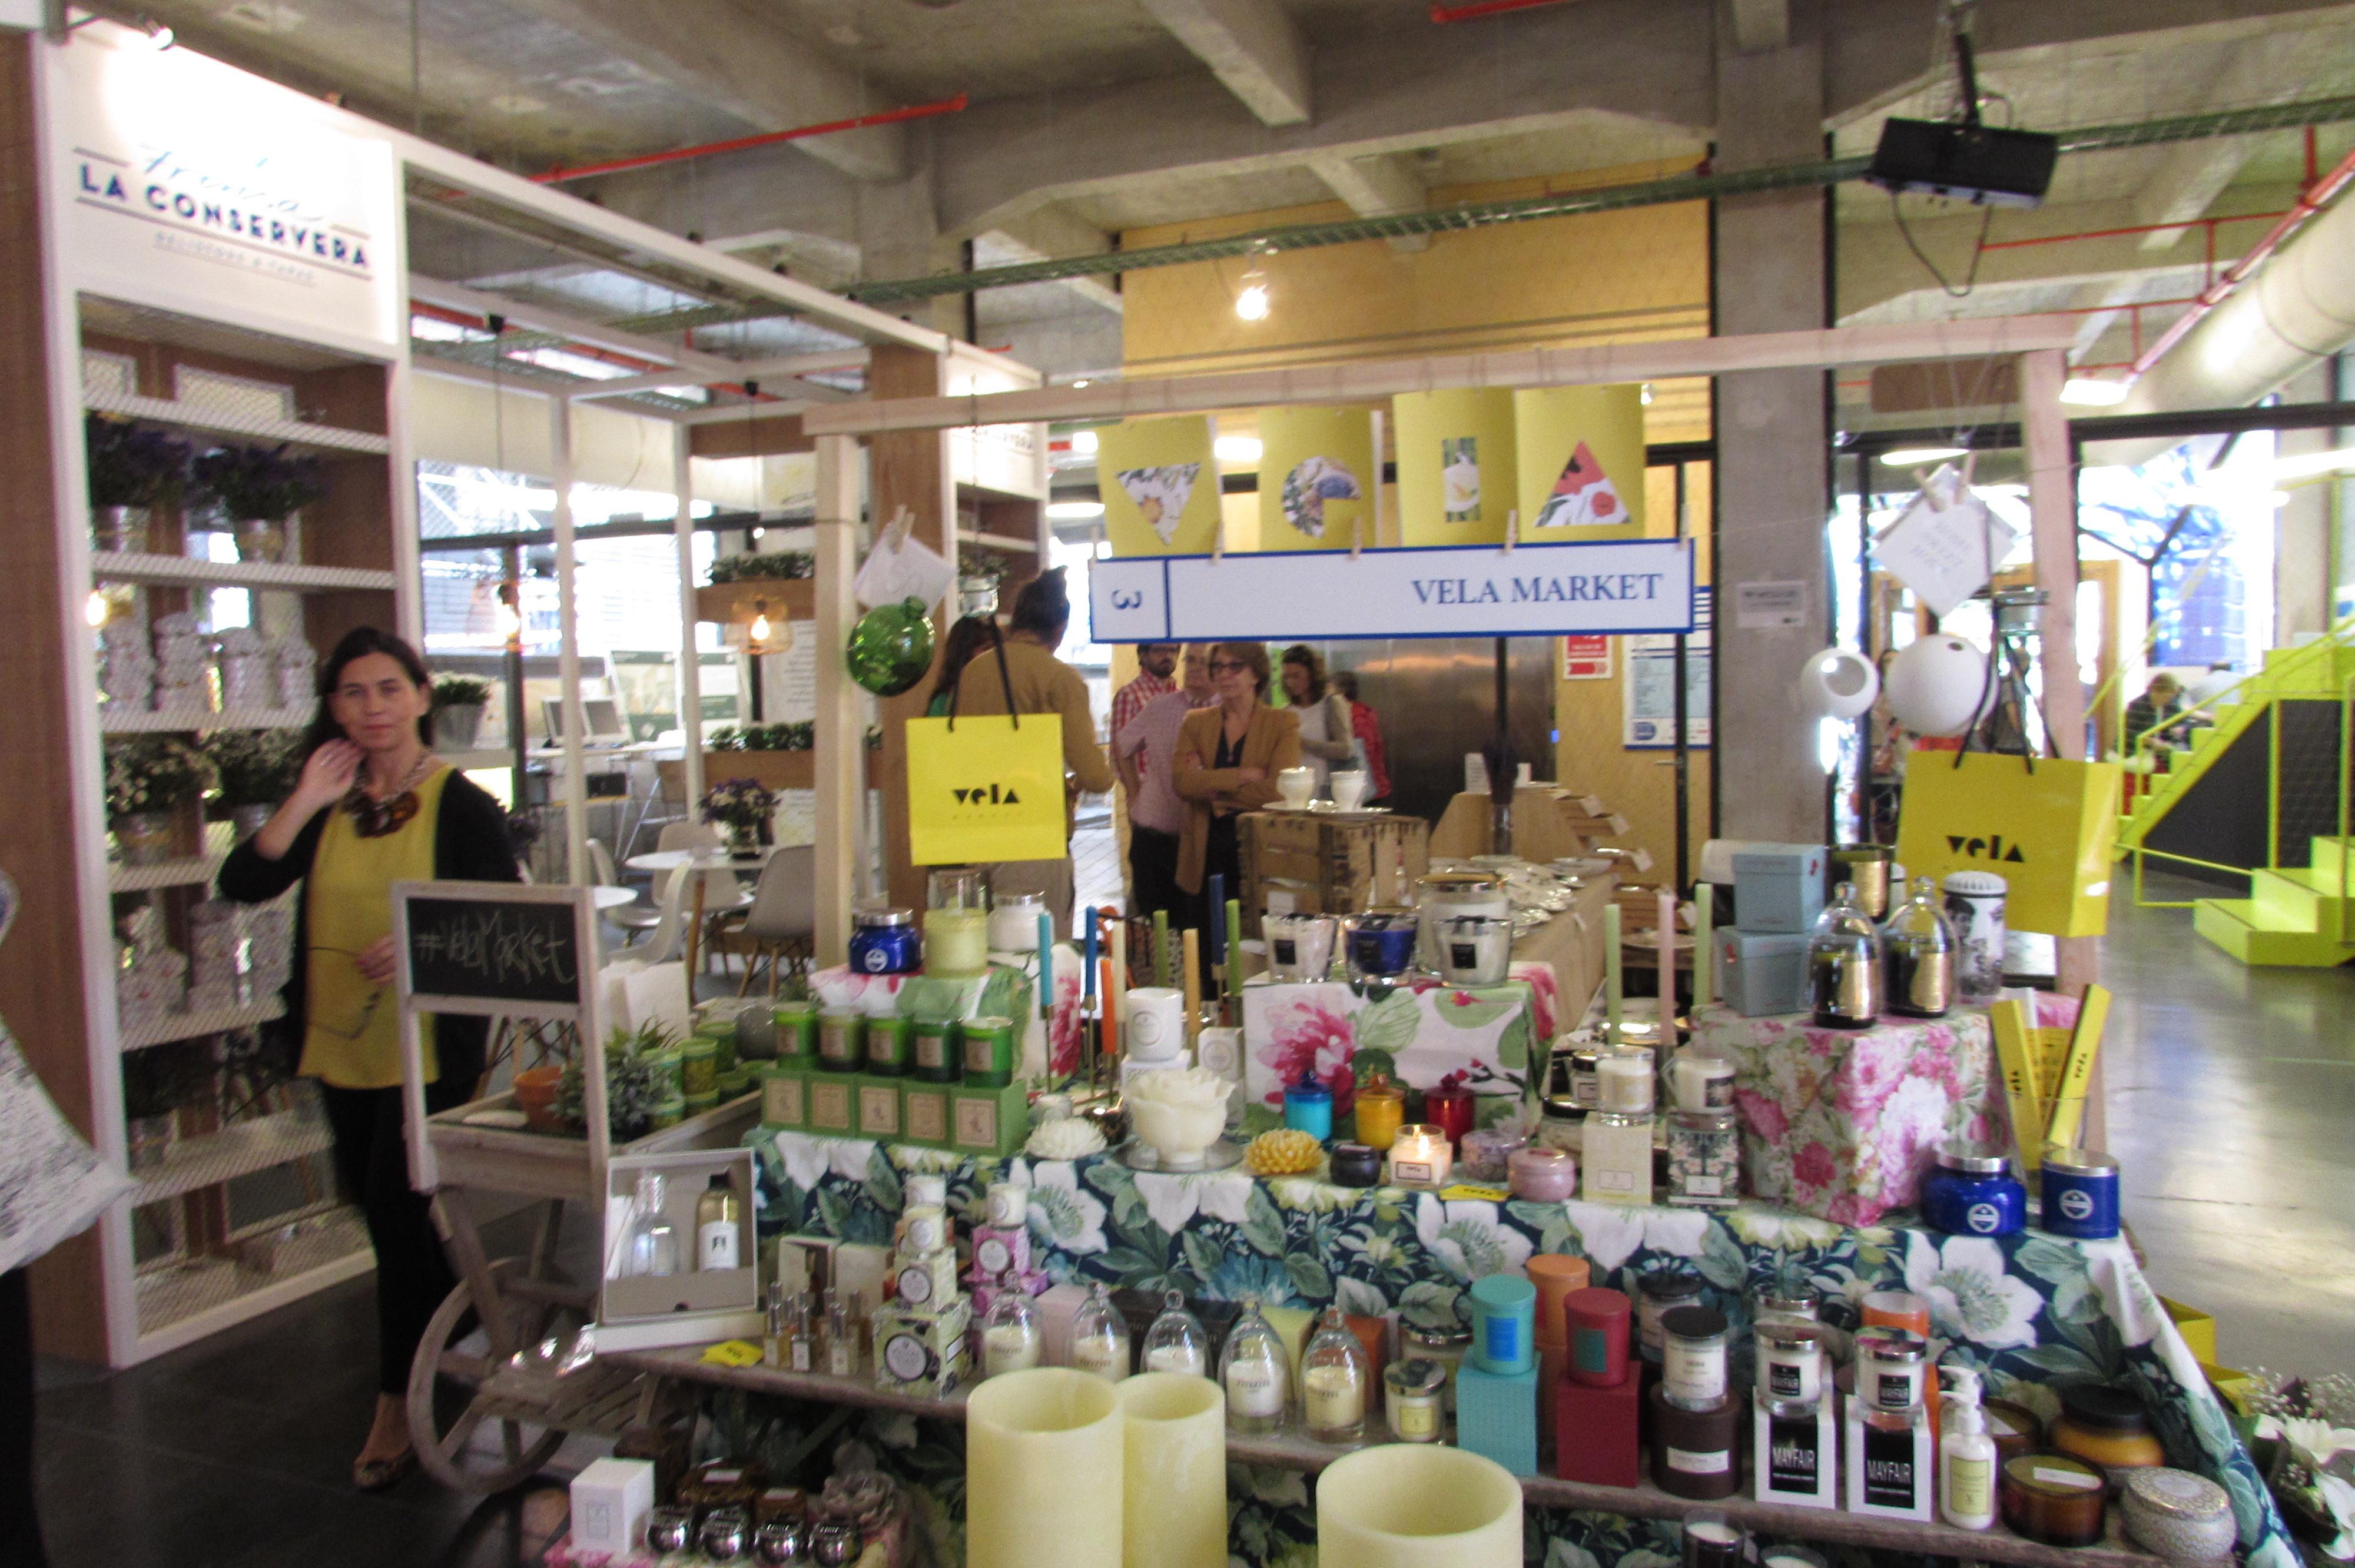 Img 0044 el globo muebles - El globo muebles madrid ...